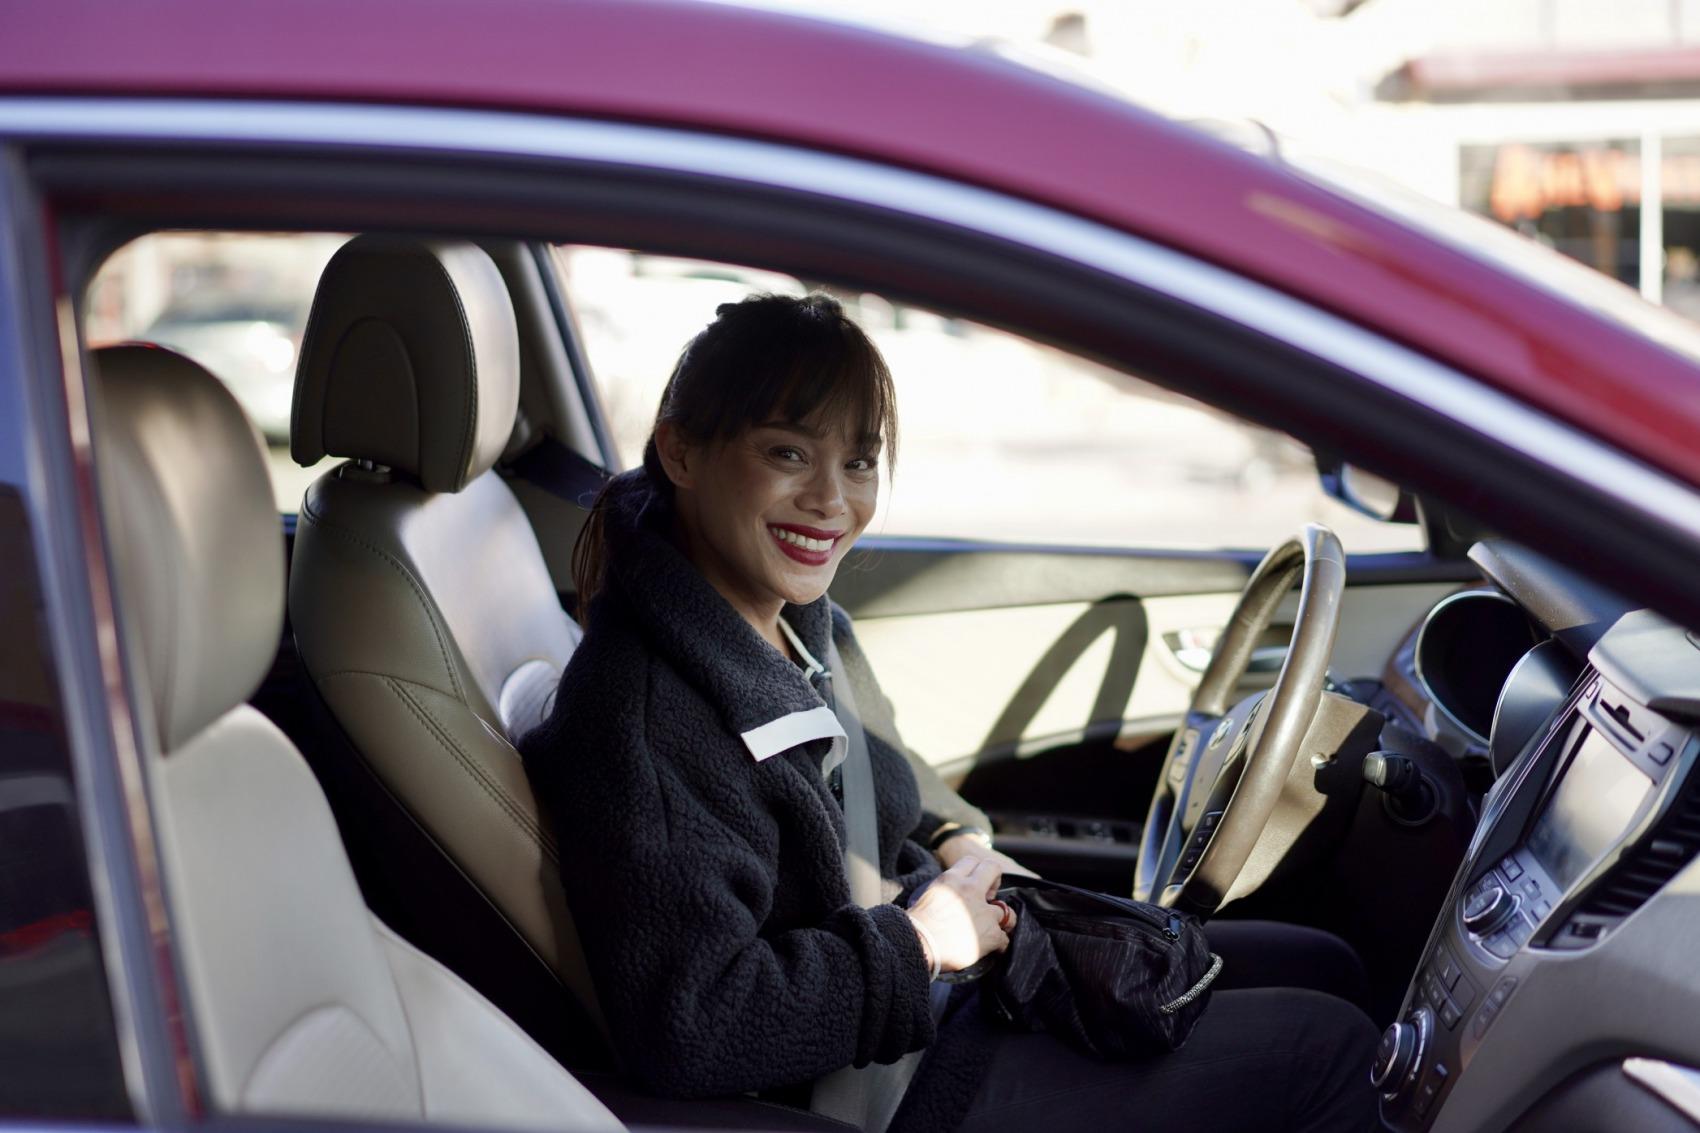 girl smiling in her car.